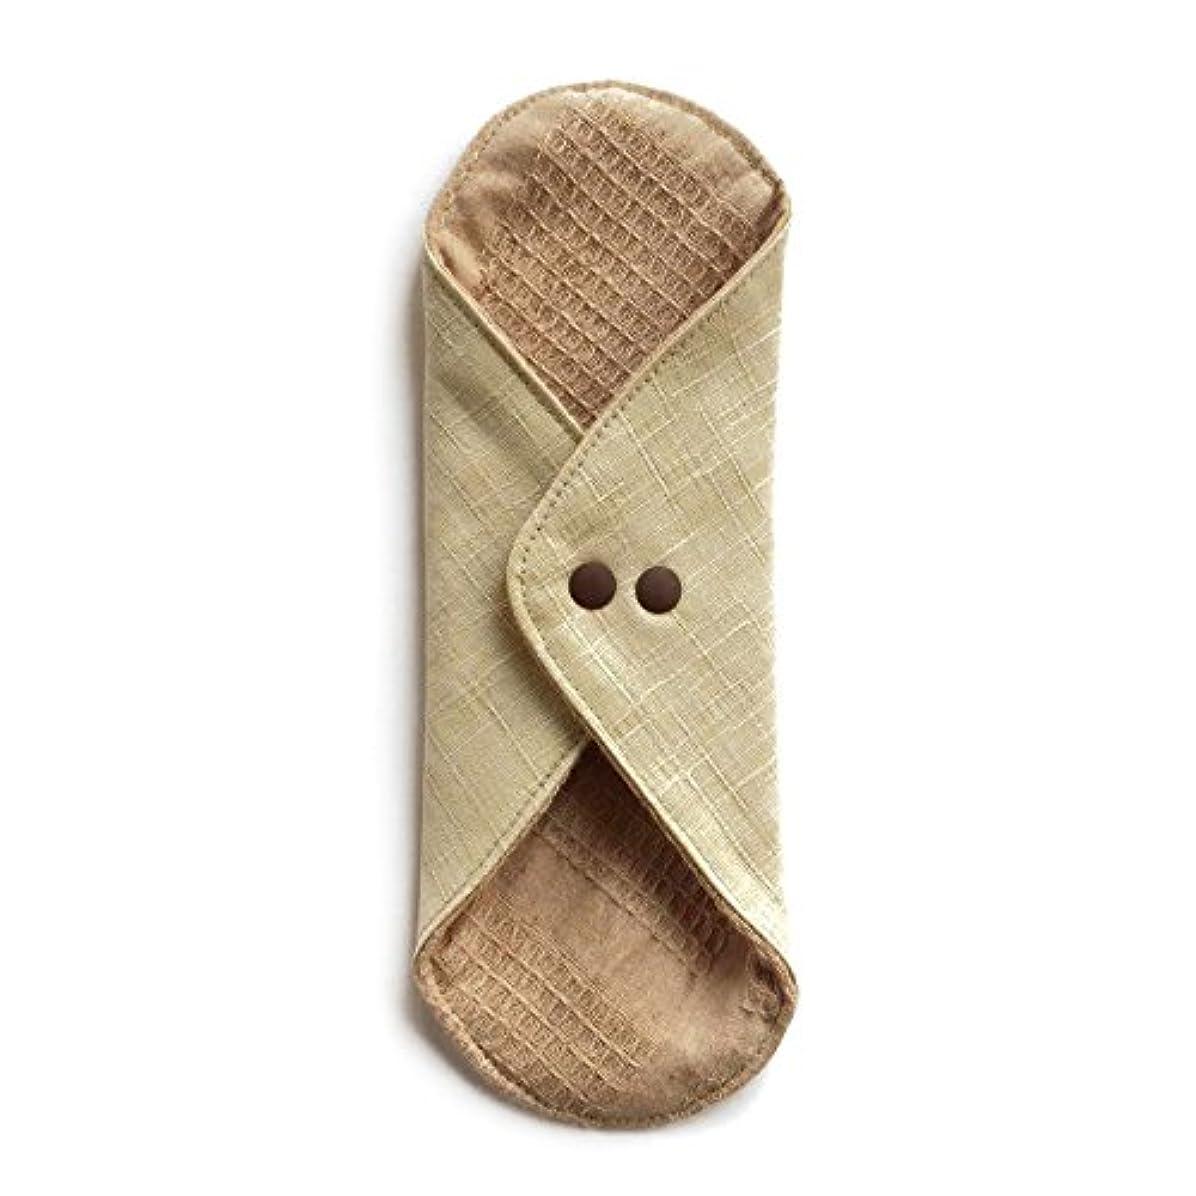 提唱する優れた脳華布のオーガニックコットンのあたため布 Lサイズ (約18×約20.5×約0.5cm) 彩り(百合)